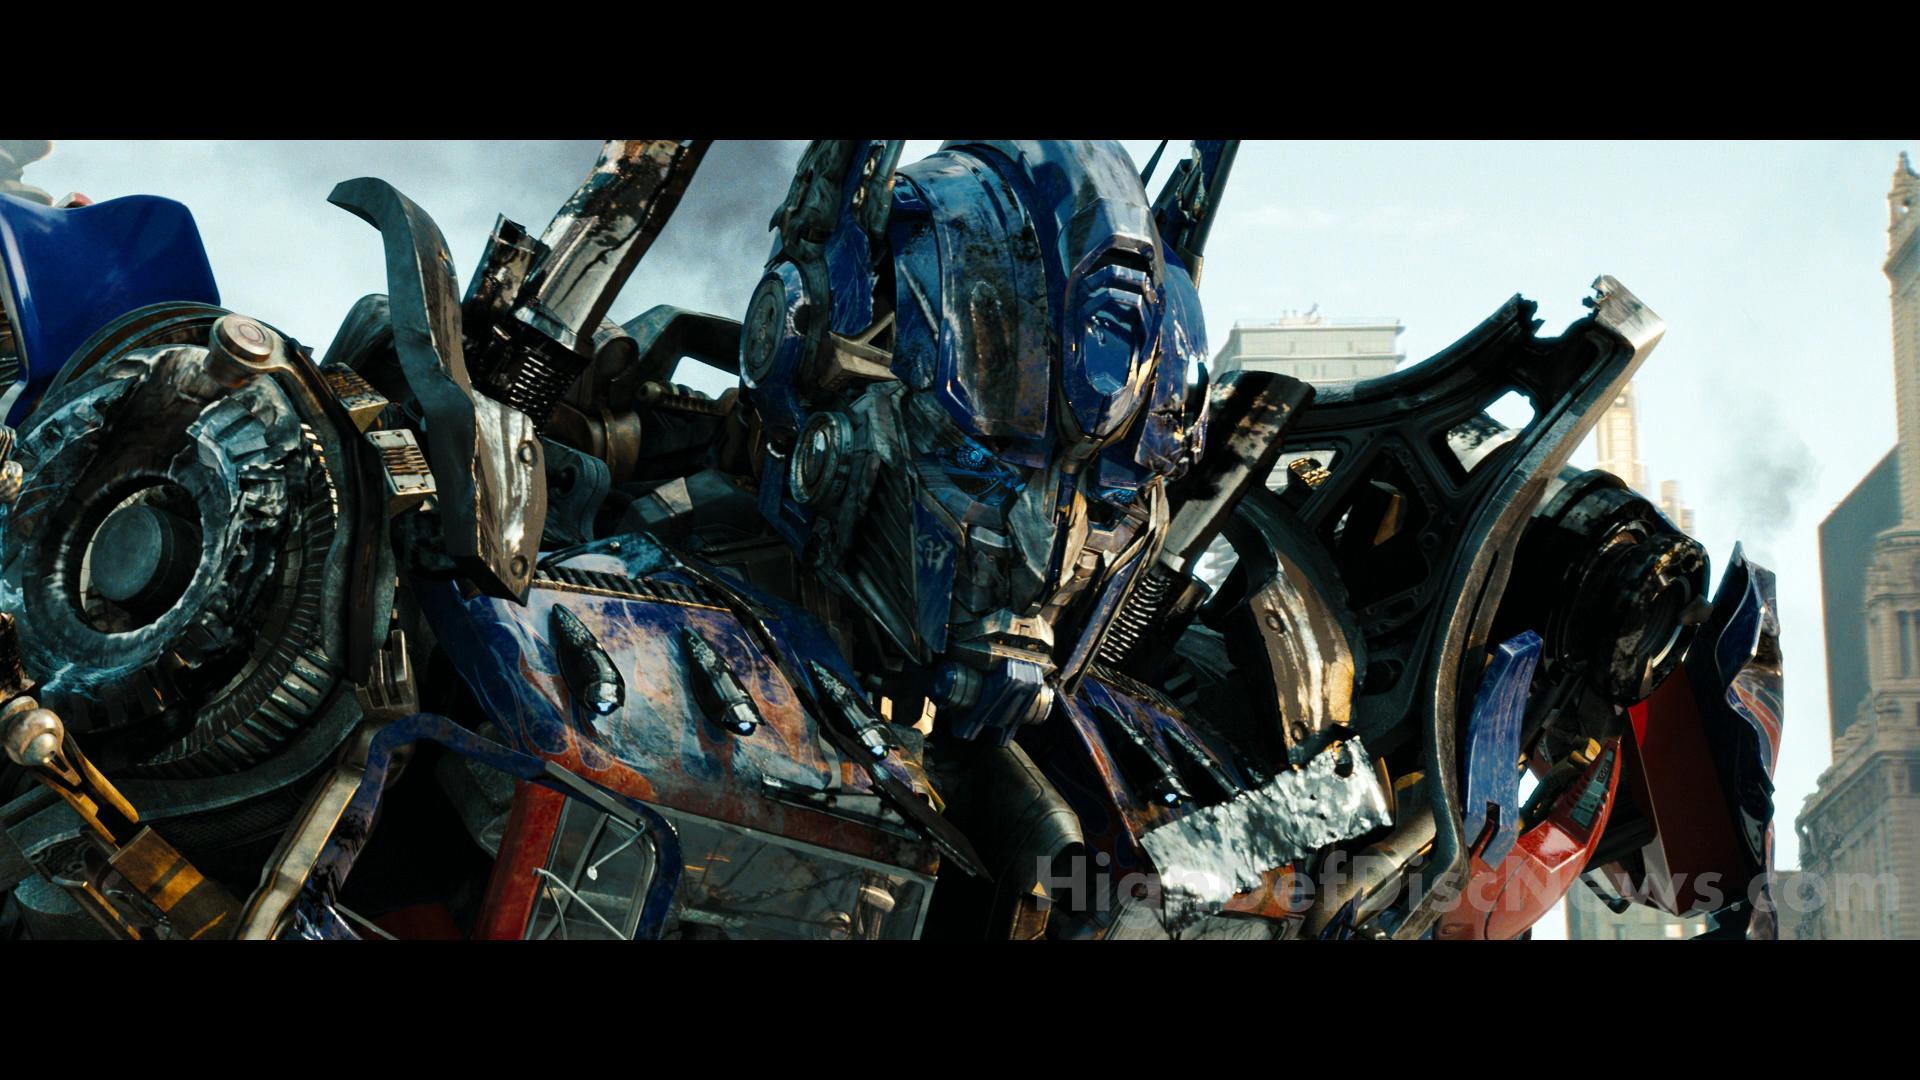 Optimus Prime Hd Wallpapers Wallpaper Cave